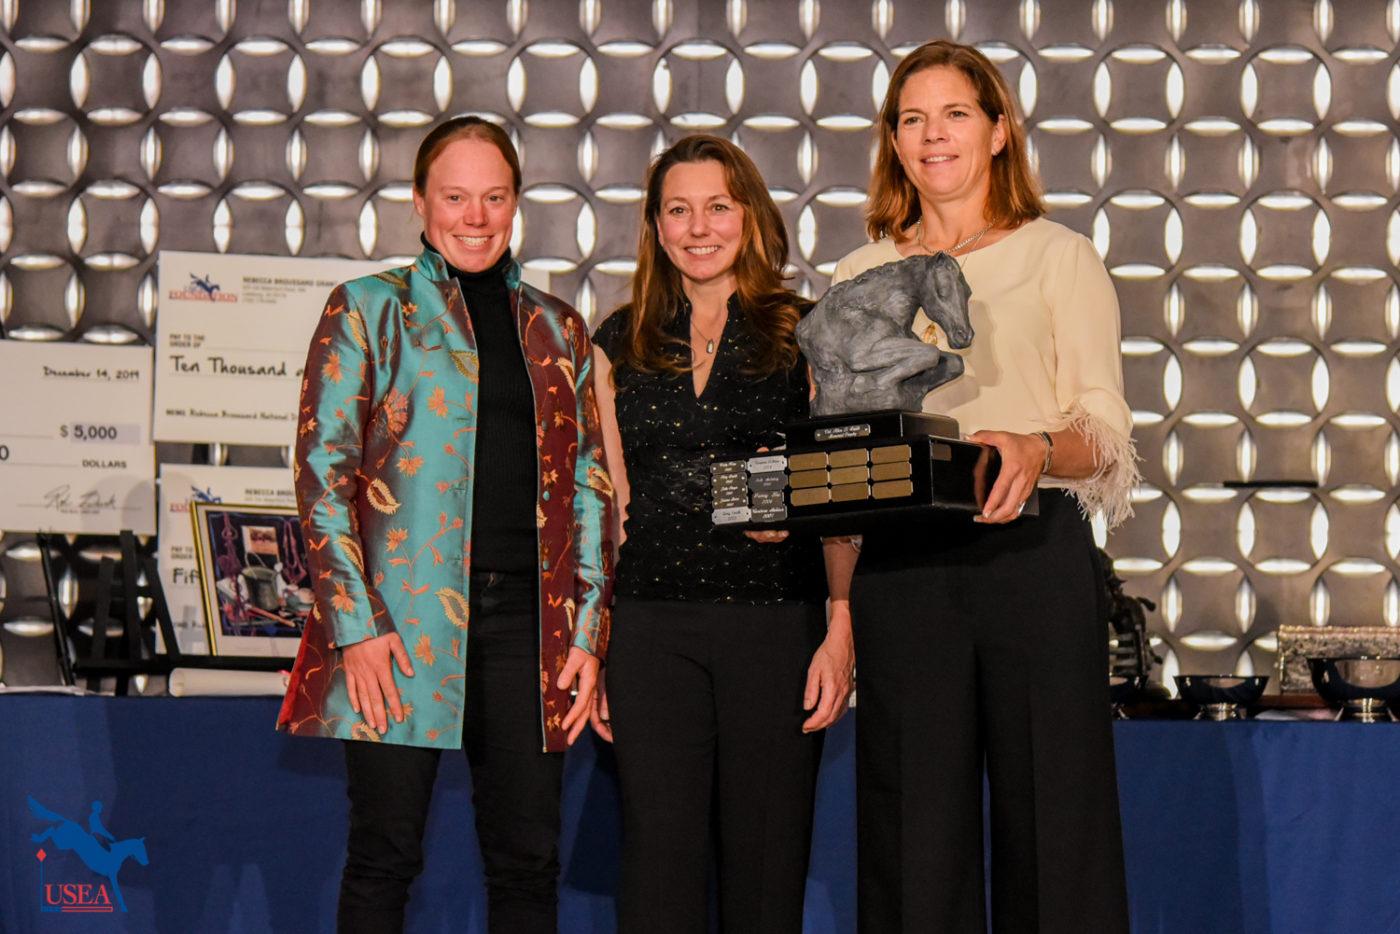 Caroline Madden and Kilpatrick Orlanda. USEA/Jessica Duffy Photo.